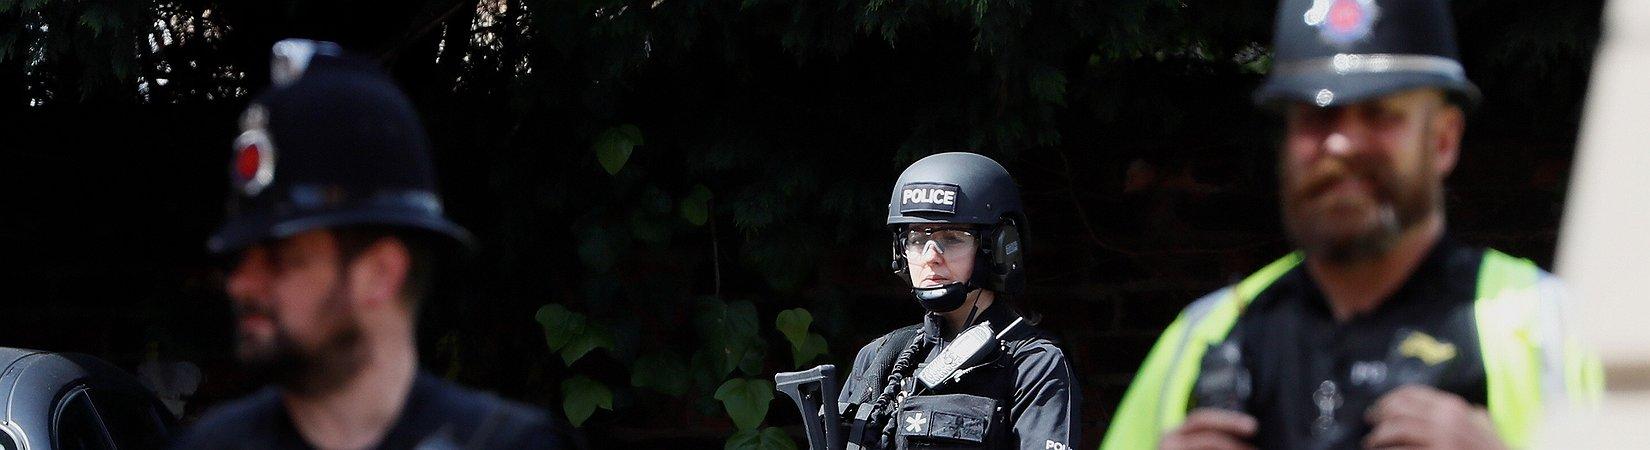 """Reino Unido elevou nível de ameaça terrorista para """"crítico"""""""